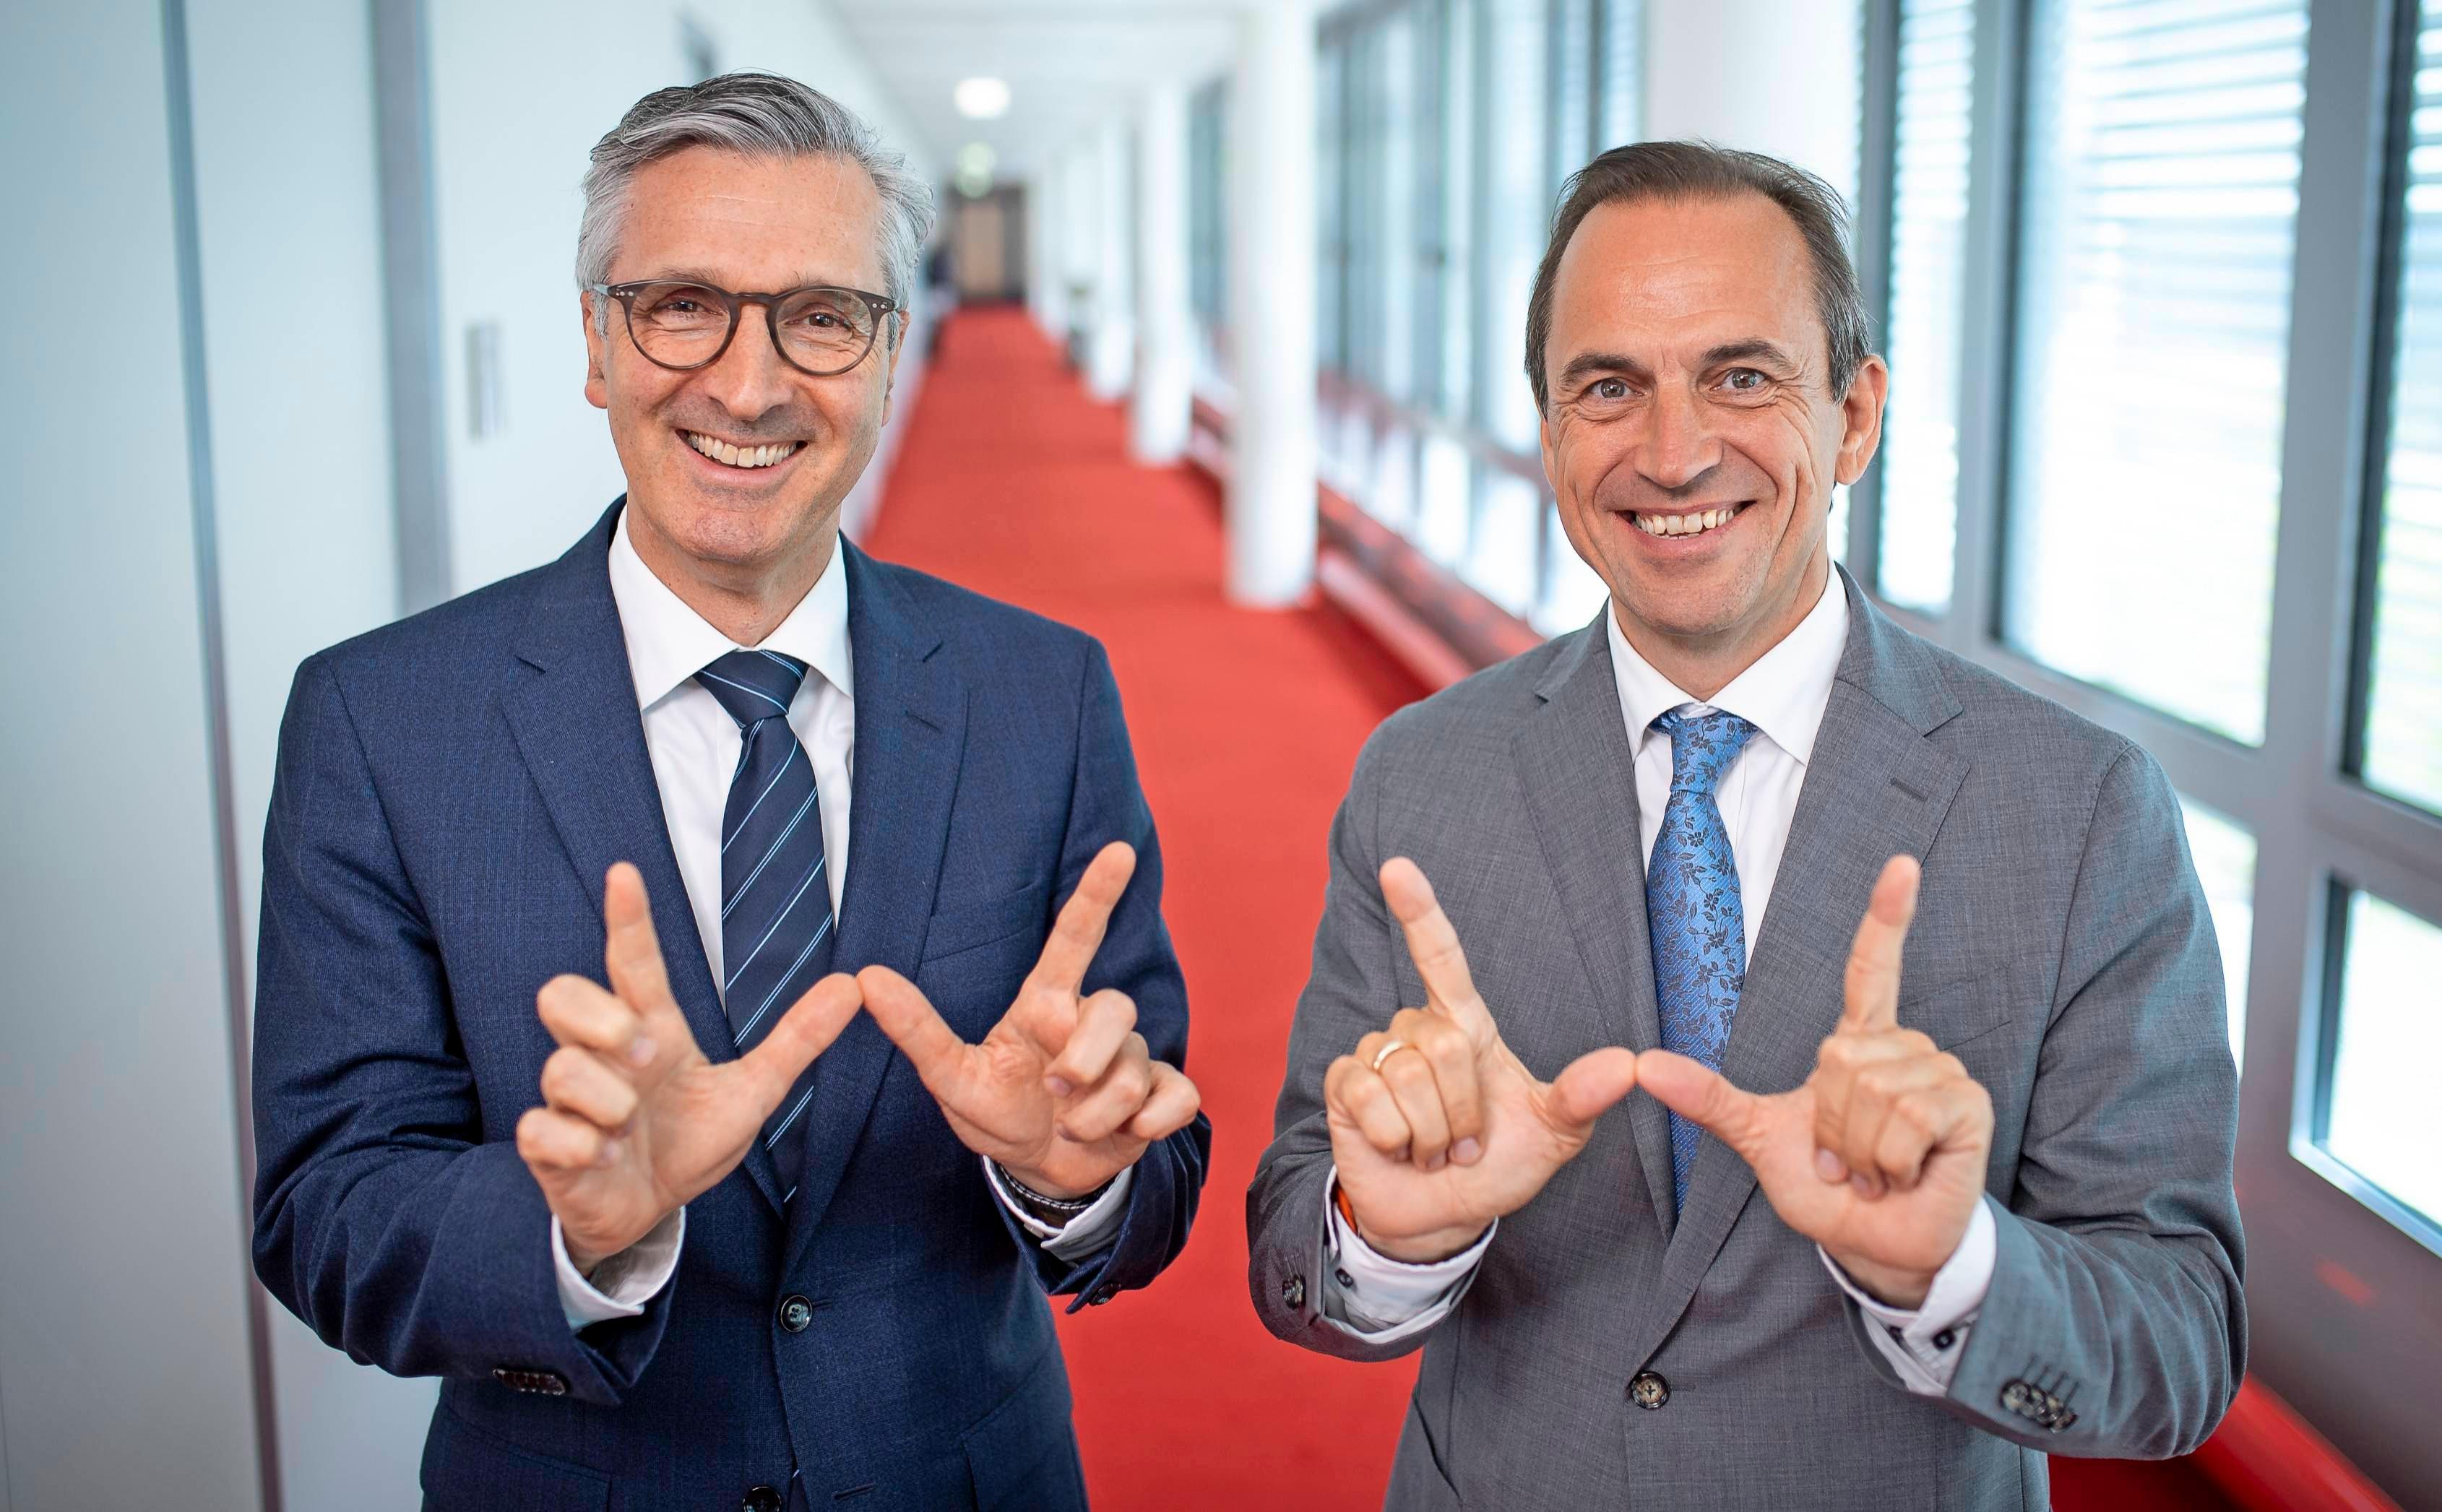 Das W als Zeichen für gelebte Werte: Robert Friedmann (links) und Norbert Heckmann. Foto: Peter Petter